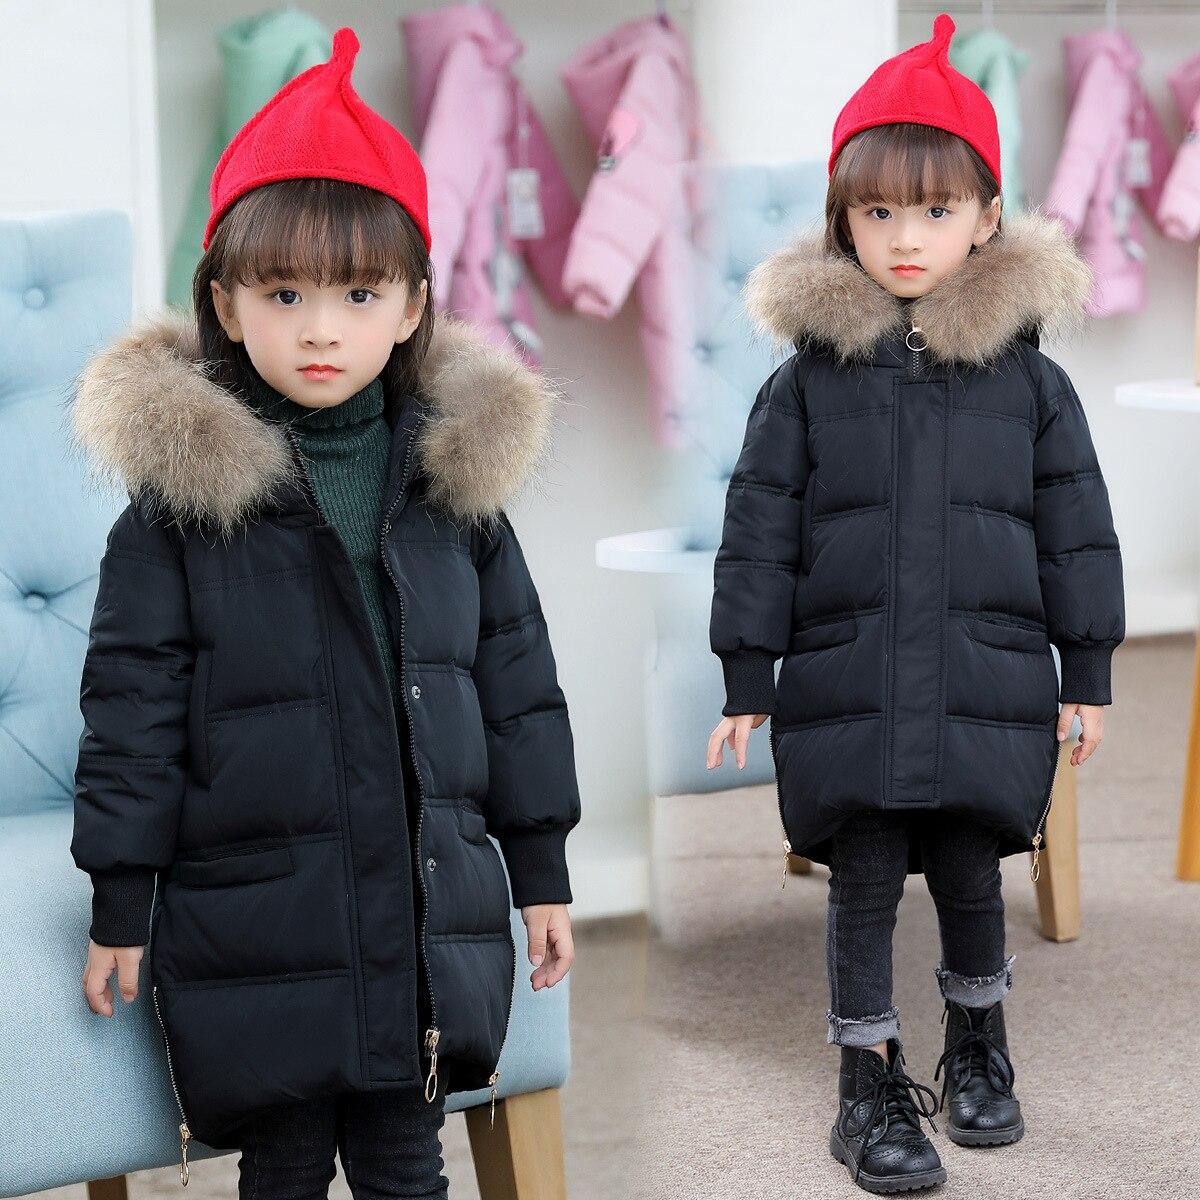 2017 Модная зимняя куртка, пуховик для девочек детское пальто теплая утиным пухом для детей Верхняя одежда для холодной куртка на мороз до -30 г...